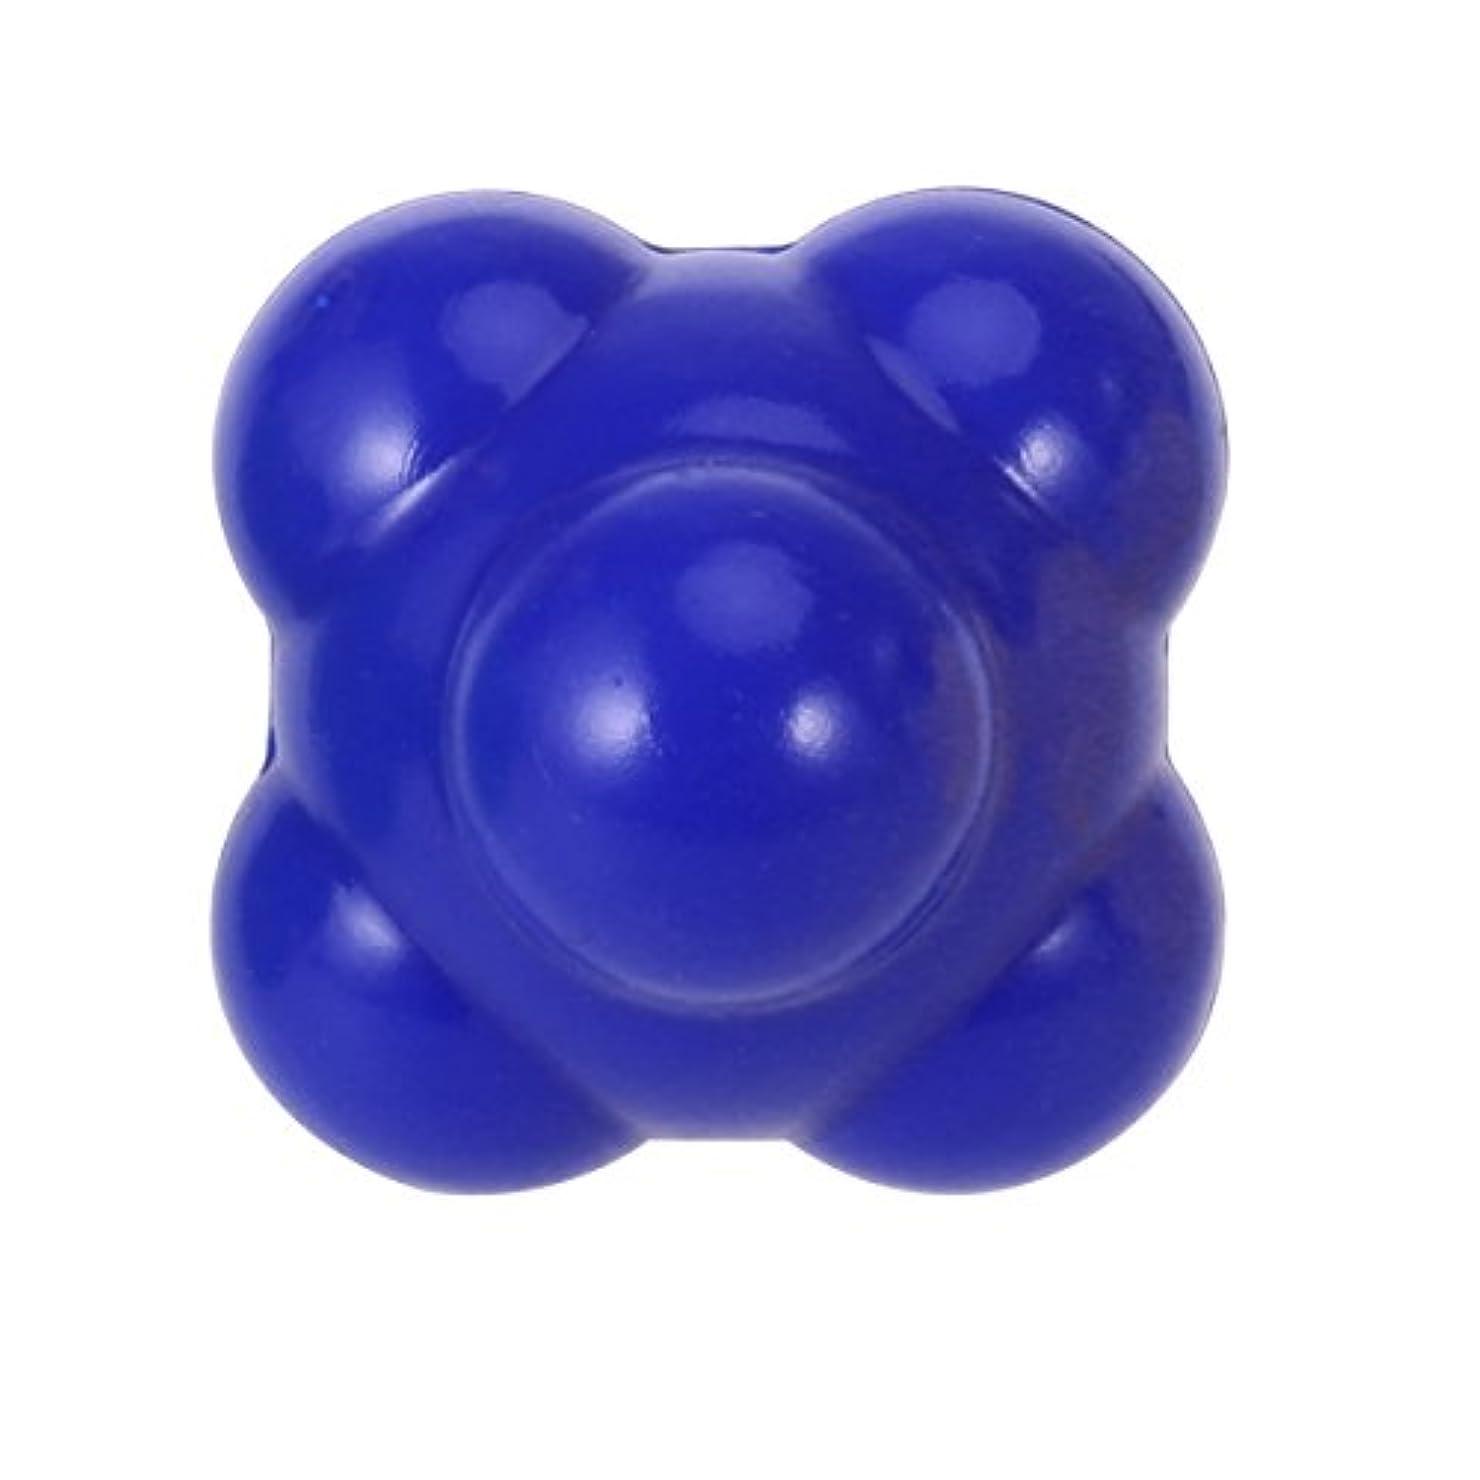 オッズ決定良さROSENICE 敏捷性ボール58mm優れたハンドアイ配位の開発(ブルー)